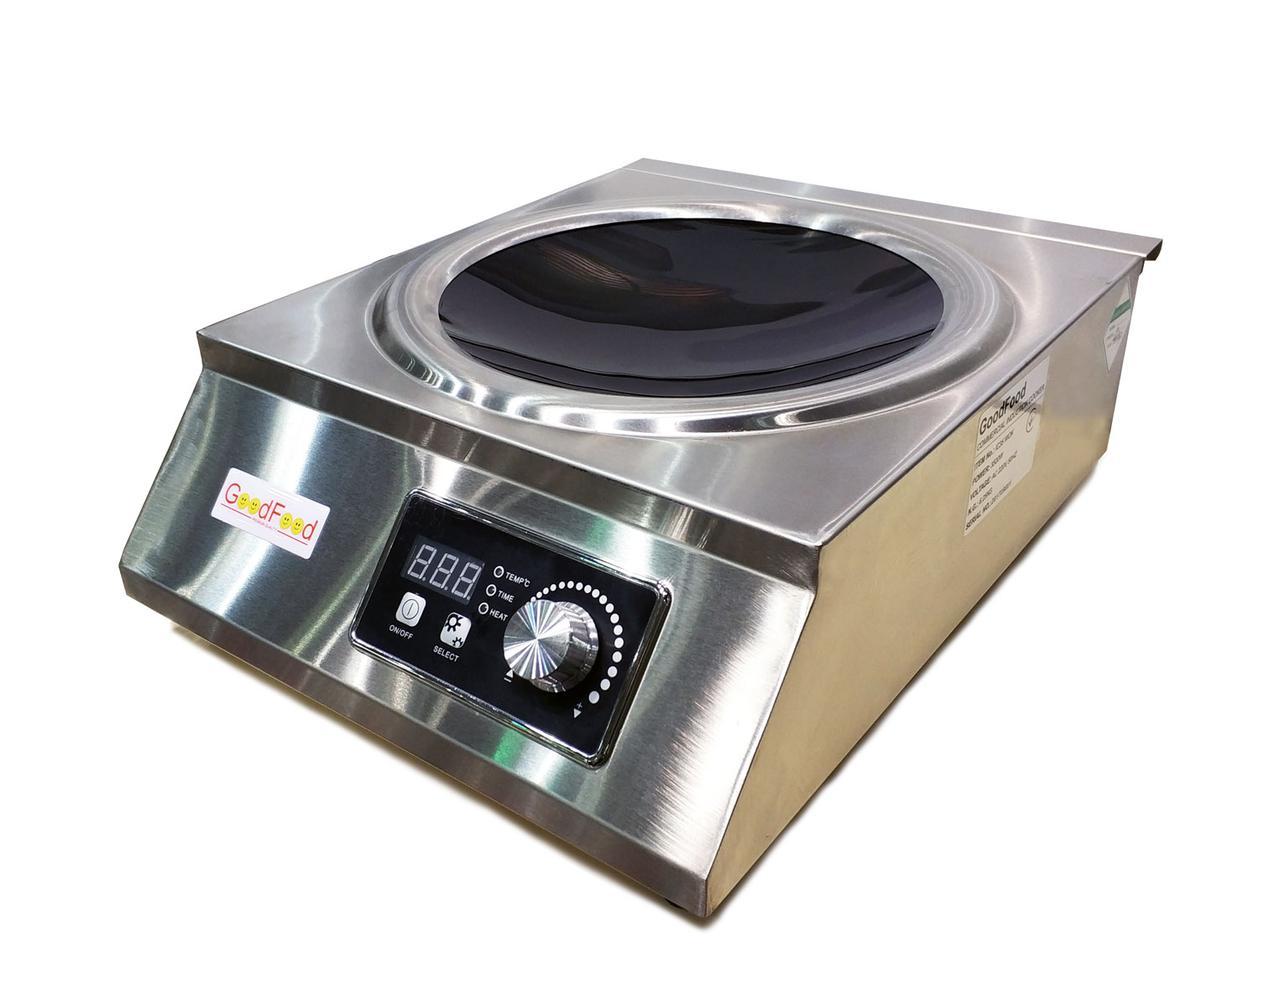 Індукційна плита IC35 WOK Good Food (КНР)